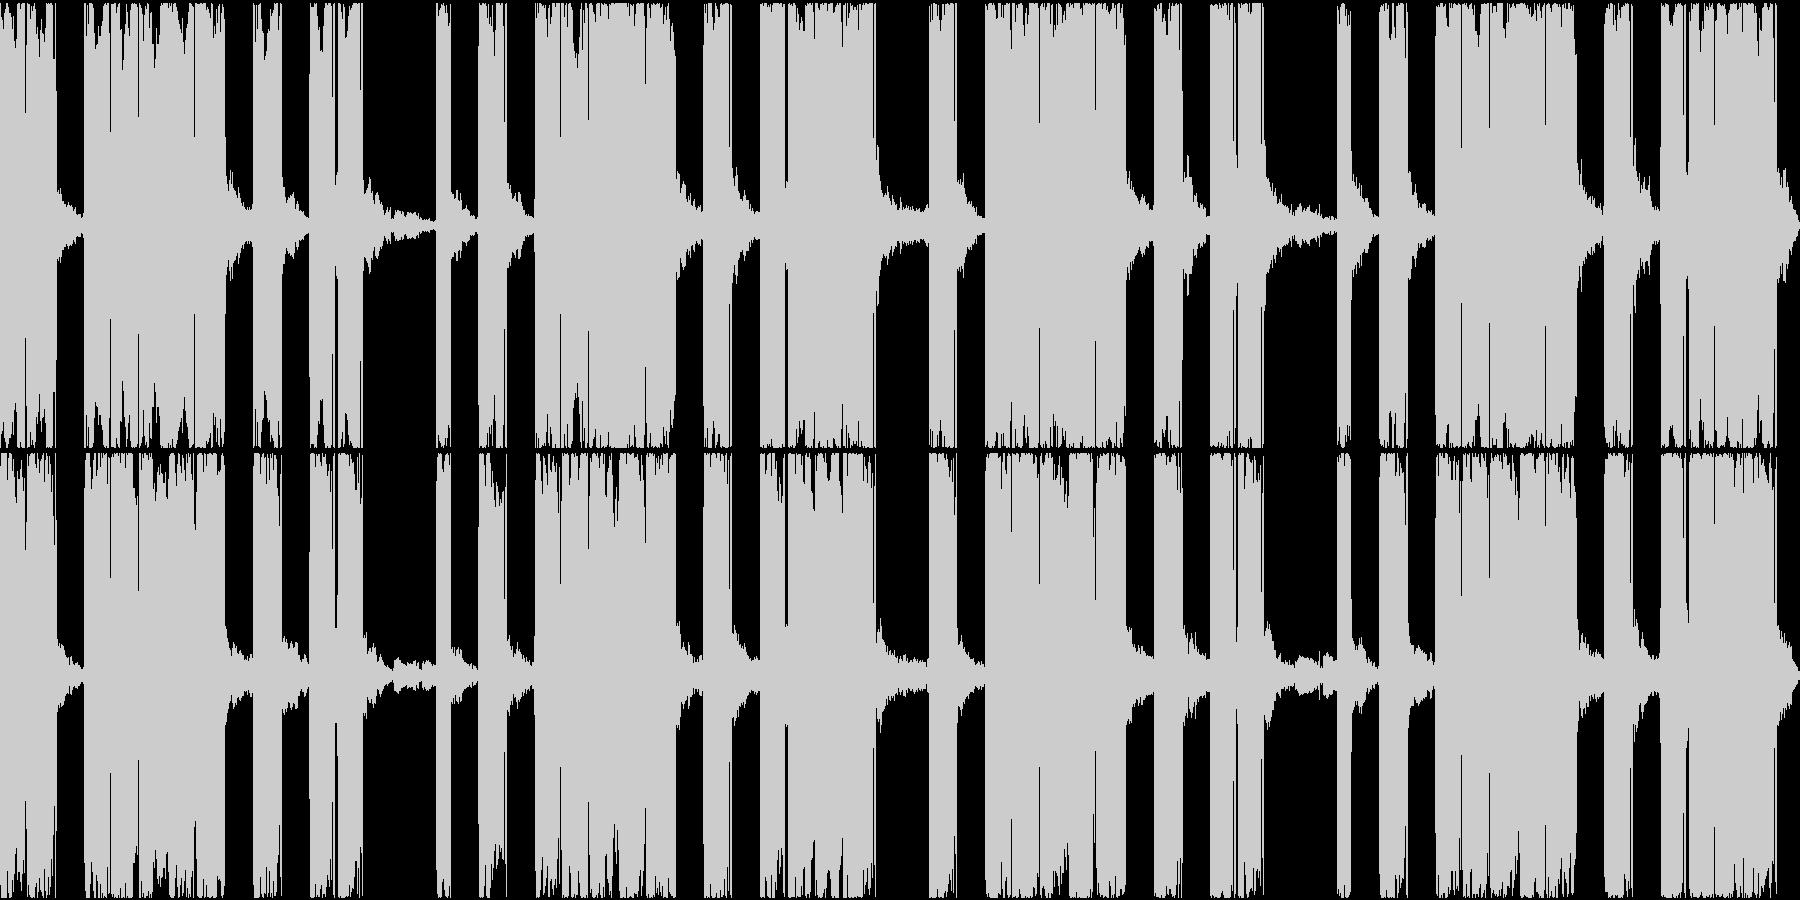 EDMで聞かれるボーカルチョップですの未再生の波形